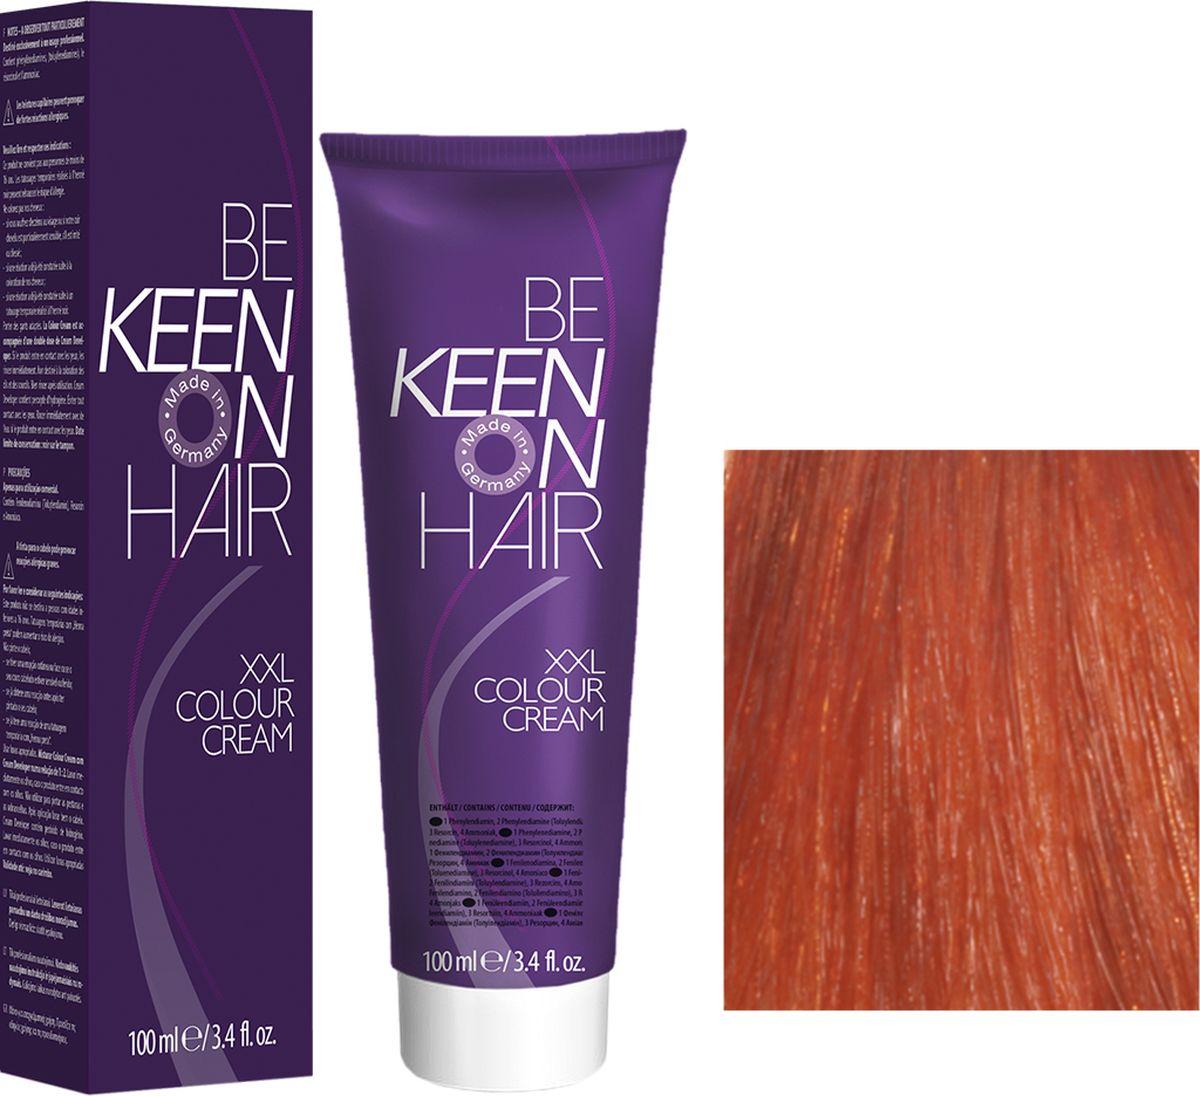 Keen Краска для волос 6.44 Темный интенсивно-медный блондин Dunkelblond Kupfer-Intensiv, 100 мл69100040Модные оттенкиБолее 100 оттенков для креативной комбинации цветов.ЭкономичностьПри использовании тюбика 100 мл вы получаете оптимальное соотношение цены и качества!УходМолочный белок поддерживает структуру волоса во время окрашивания и придает волосам блеск и шелковистость. Протеины хорошо встраиваются в волосы и снабжают их влагой.